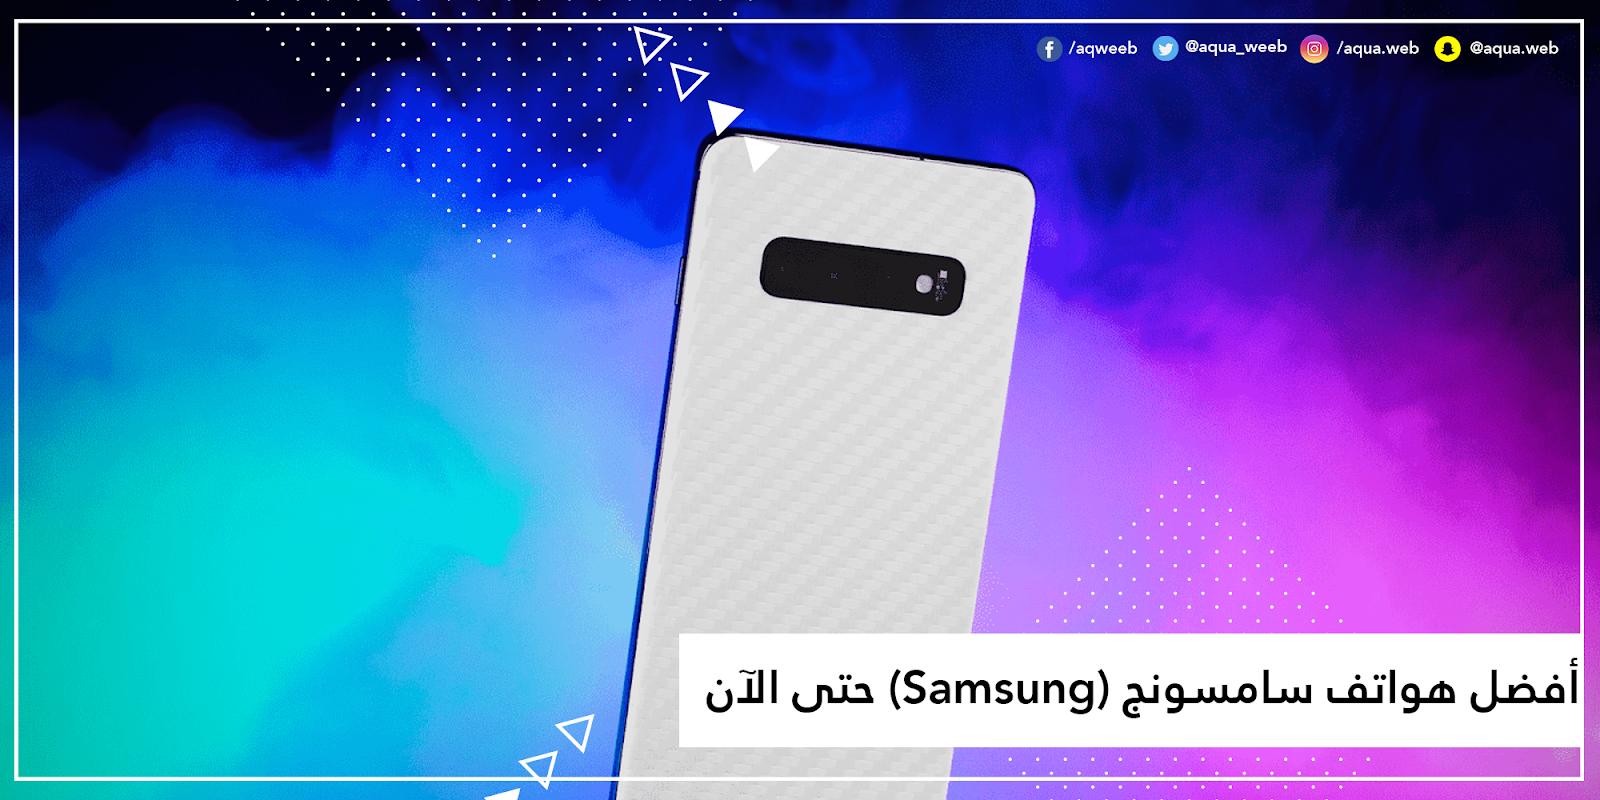 أفضل هواتف سامسونج (Samsung) حتى الآن